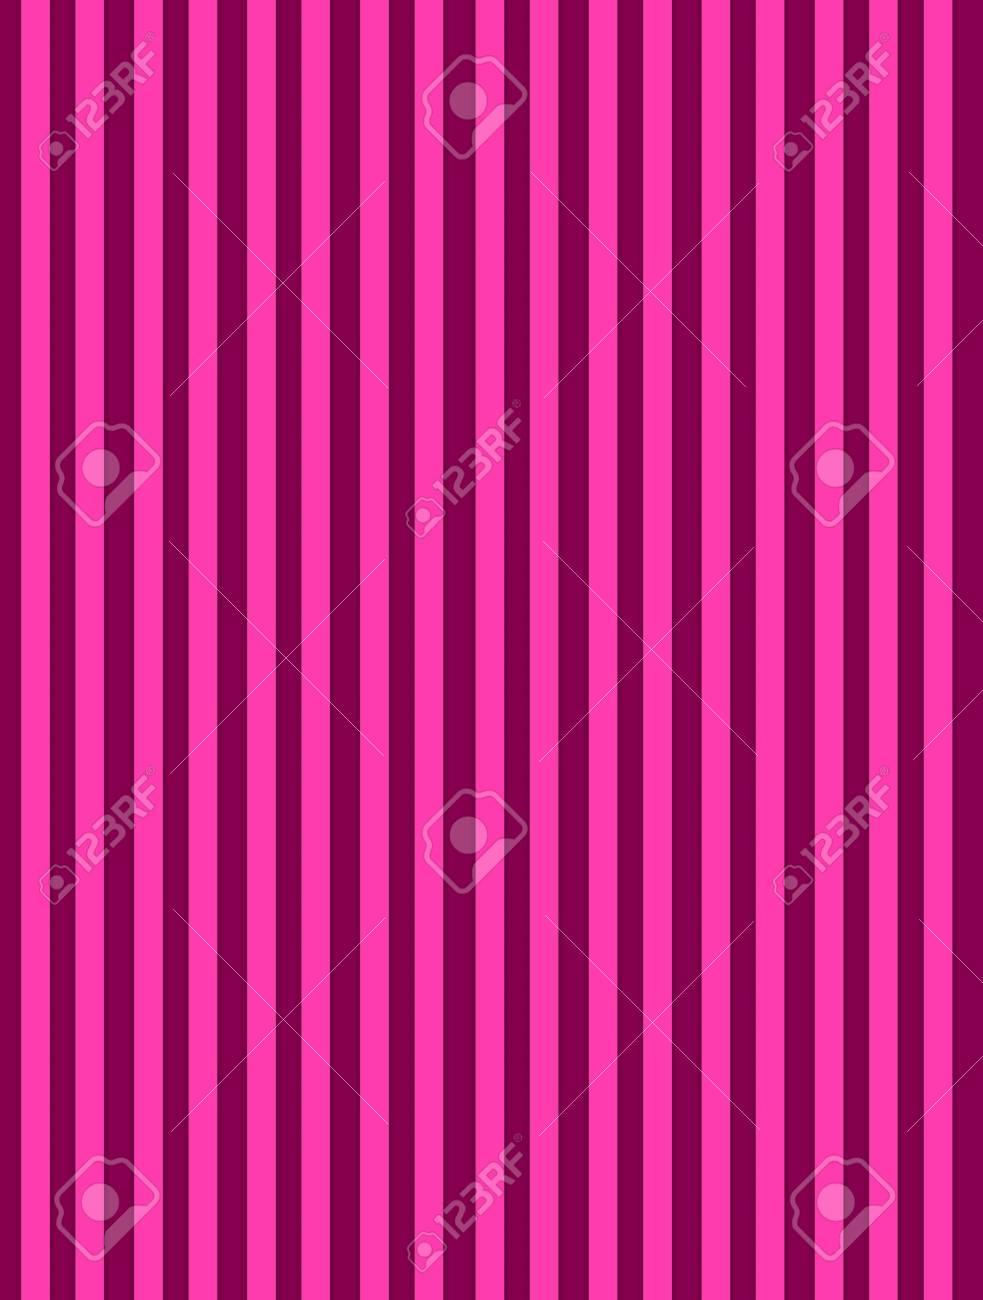 Immagine Di Sfondo è Pieno Di Righe Di Colore Rosa E Marrone Foto